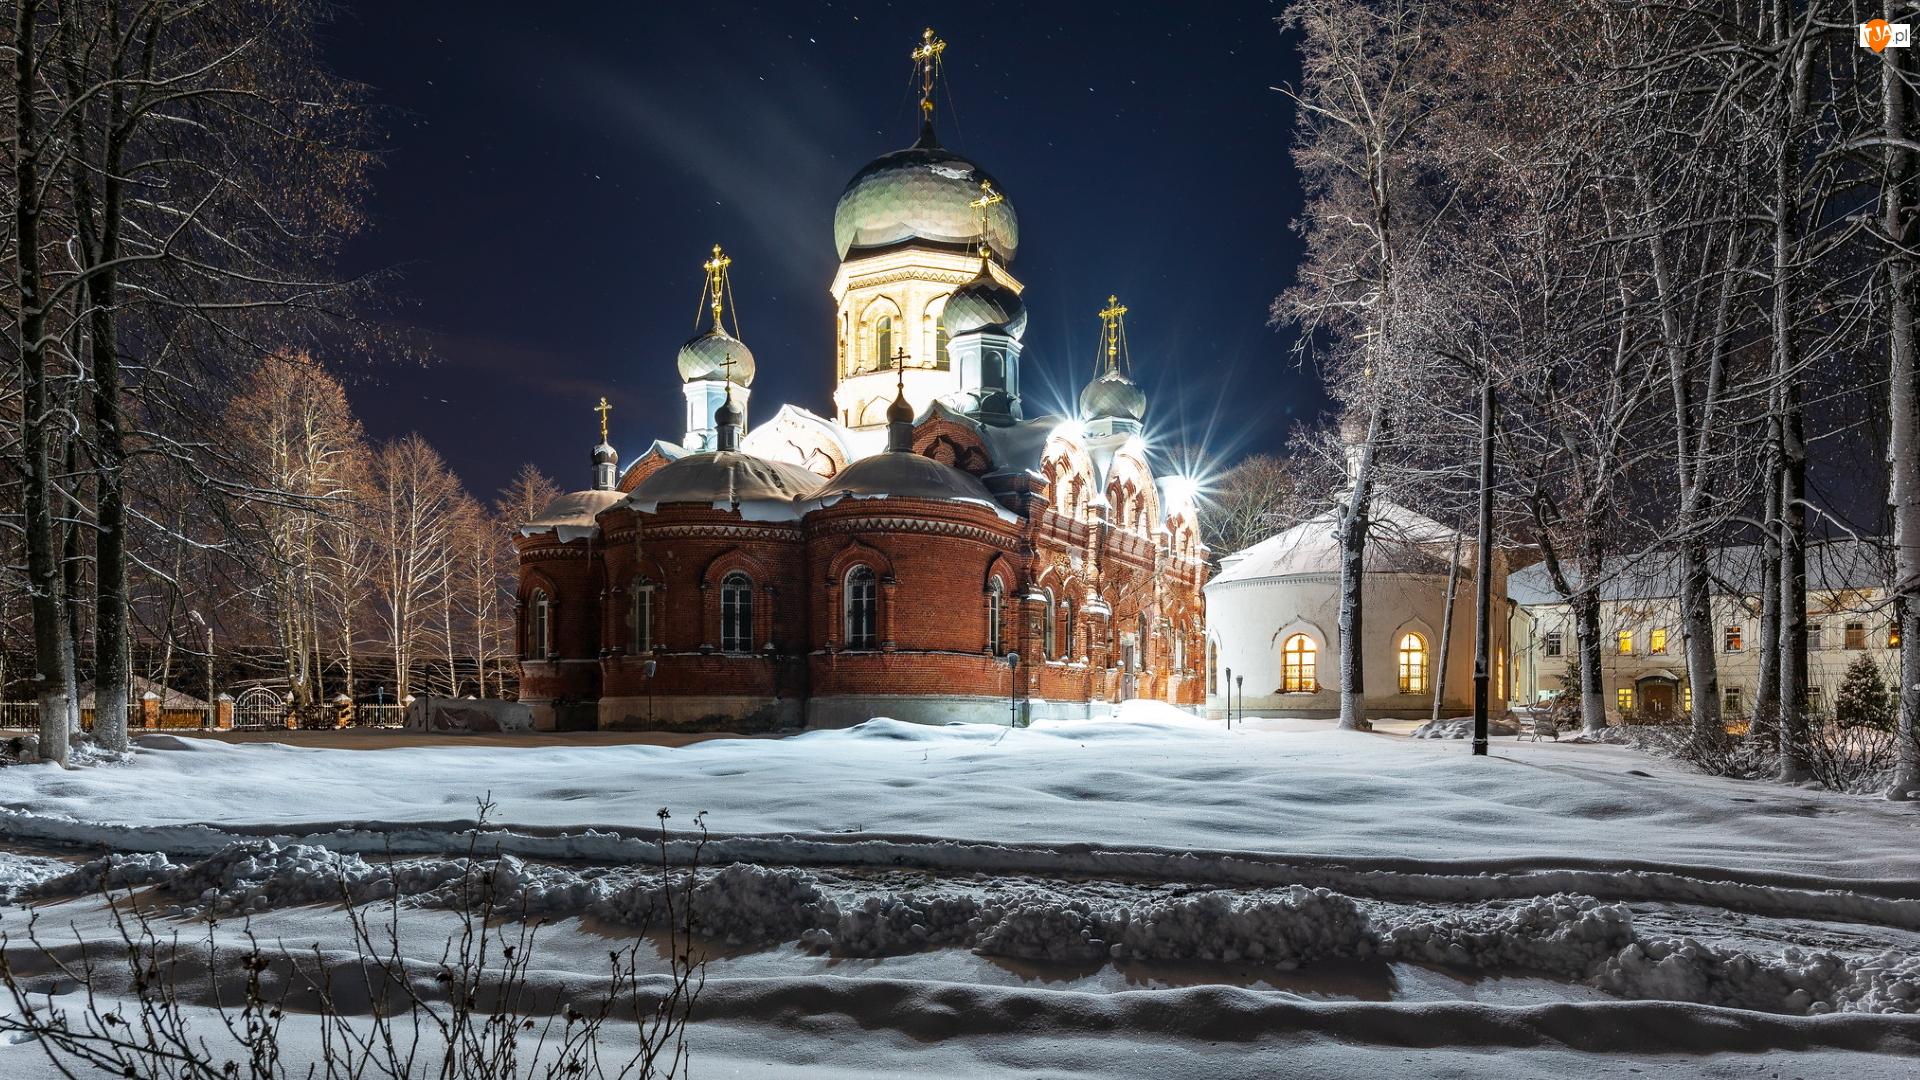 Drzewa, Cerkiew, Noc, Zima, Oświetlona